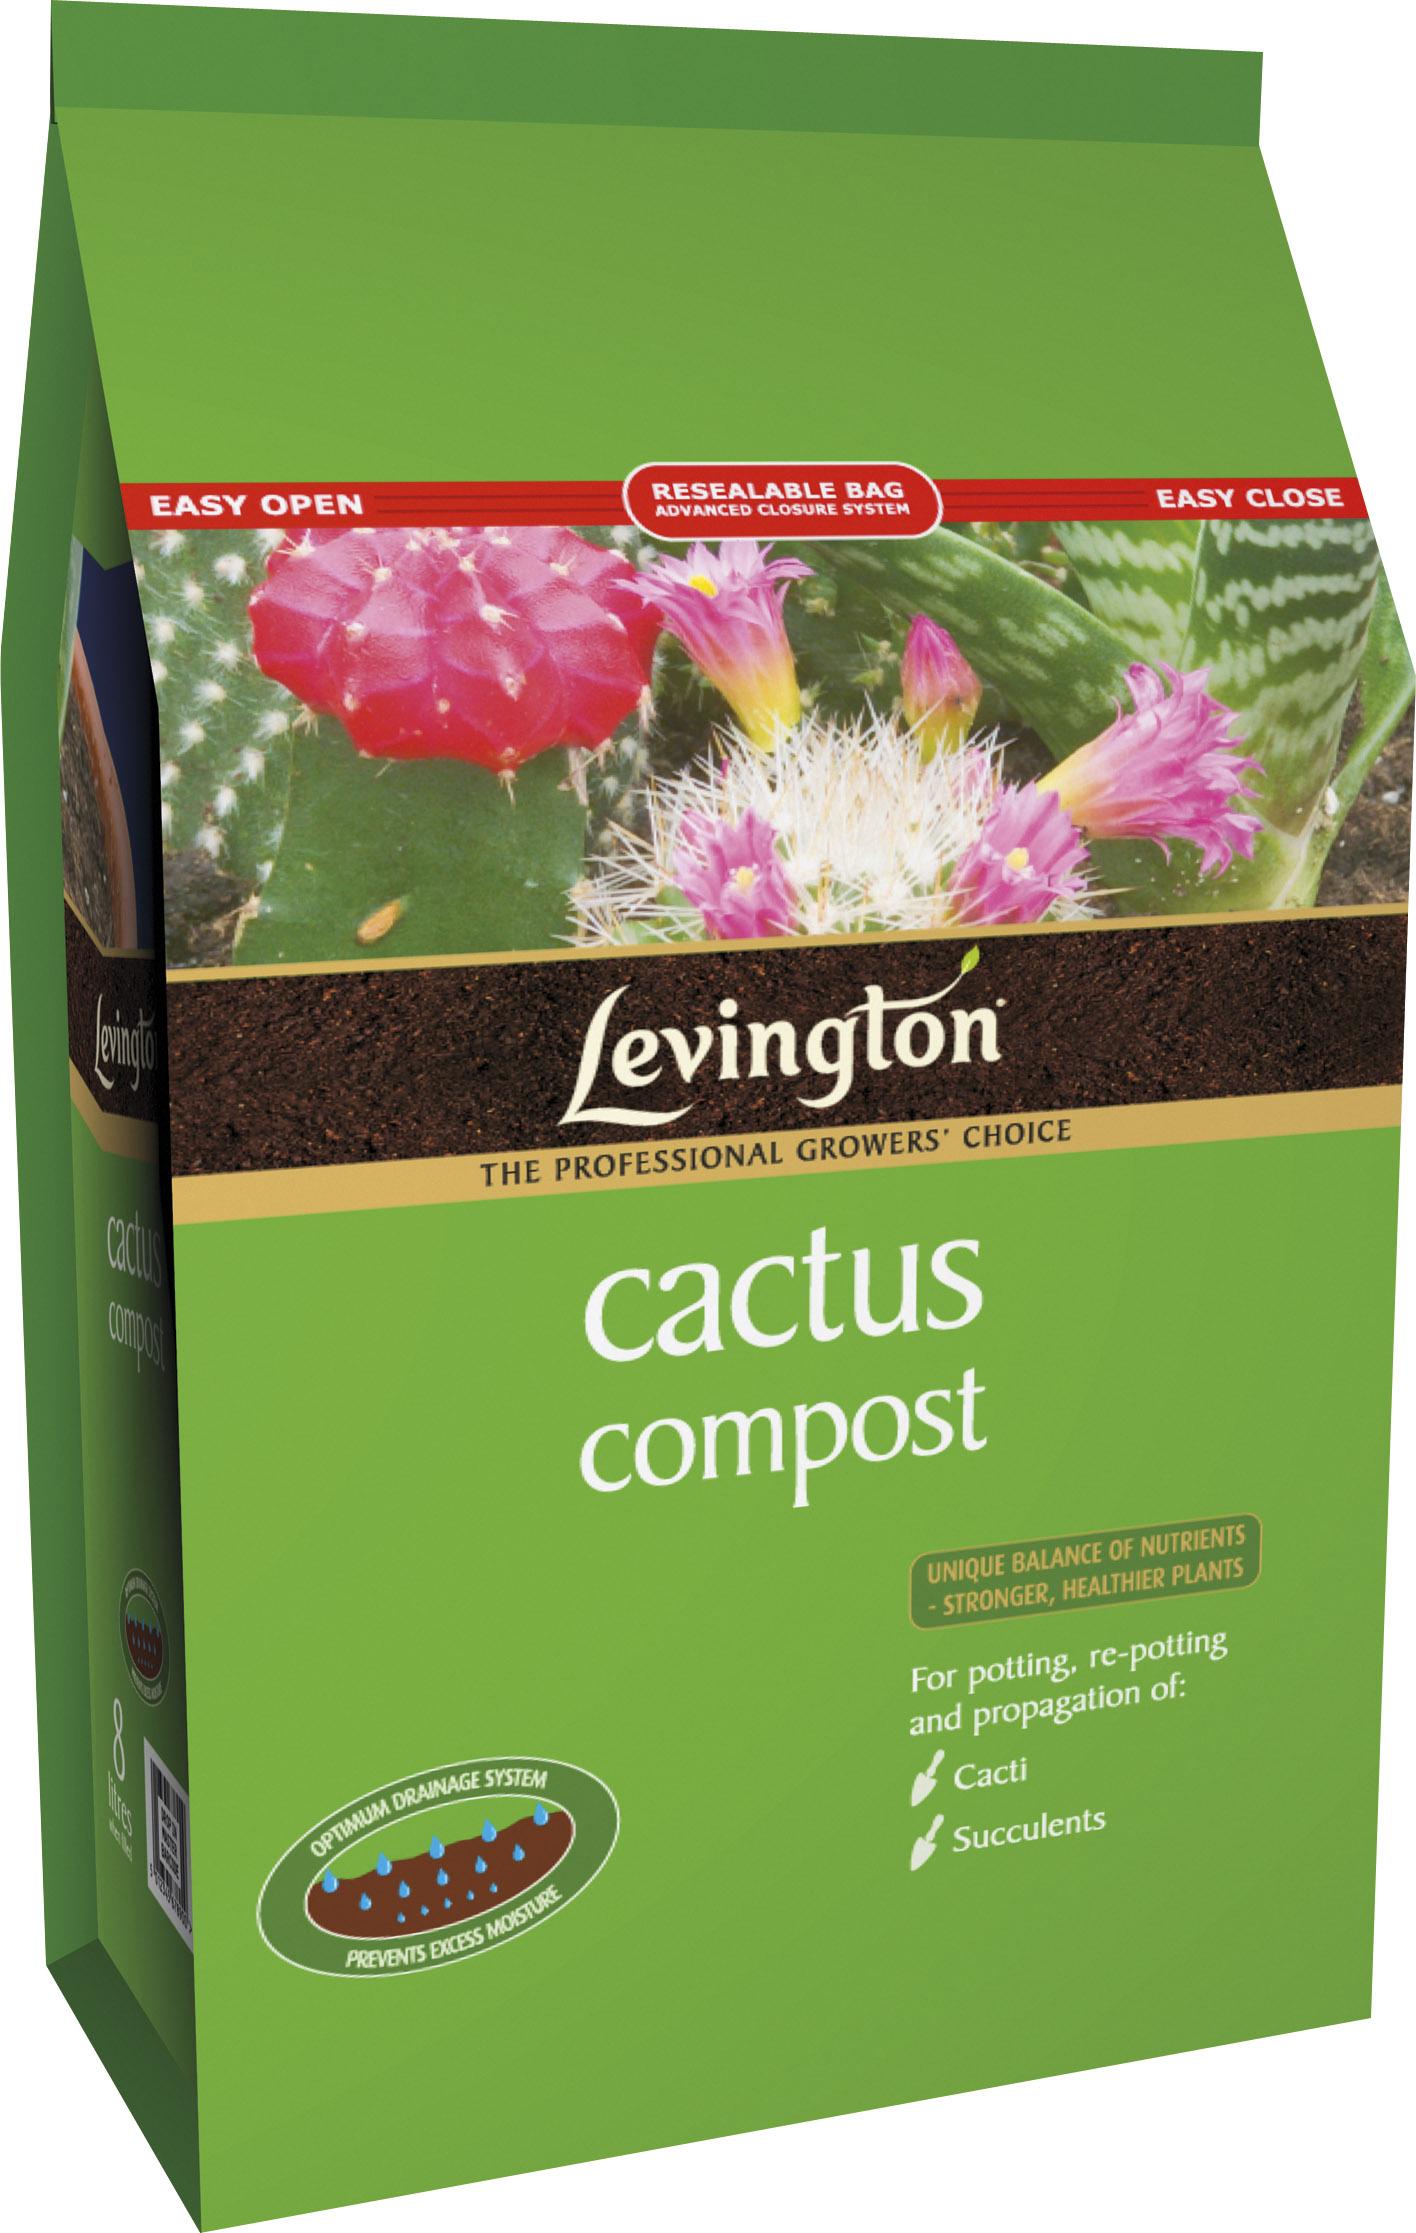 cactus compost.jpg